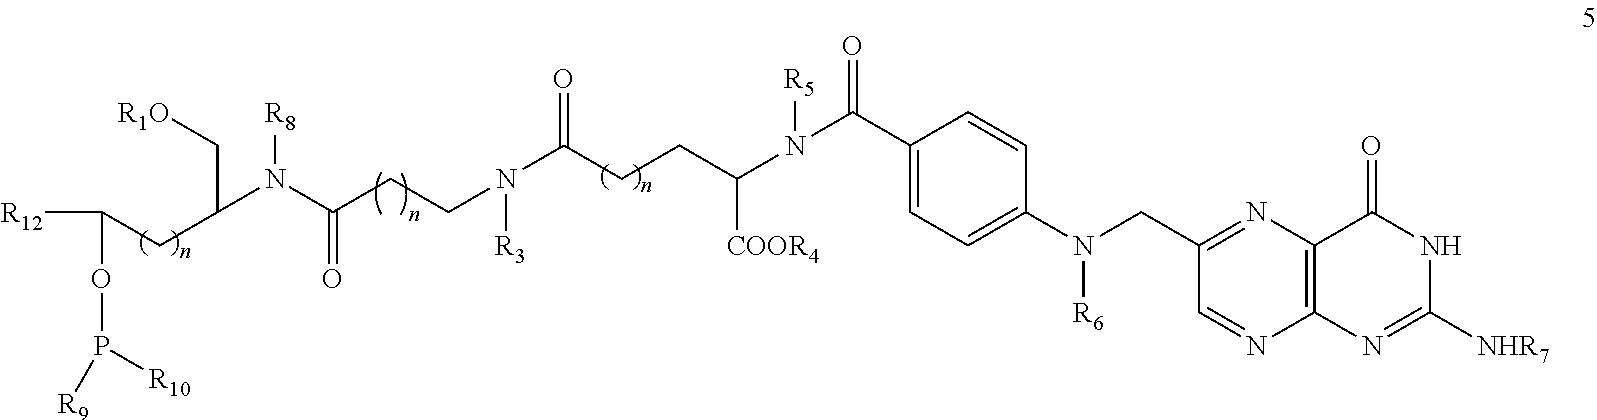 Figure US10000754-20180619-C00012